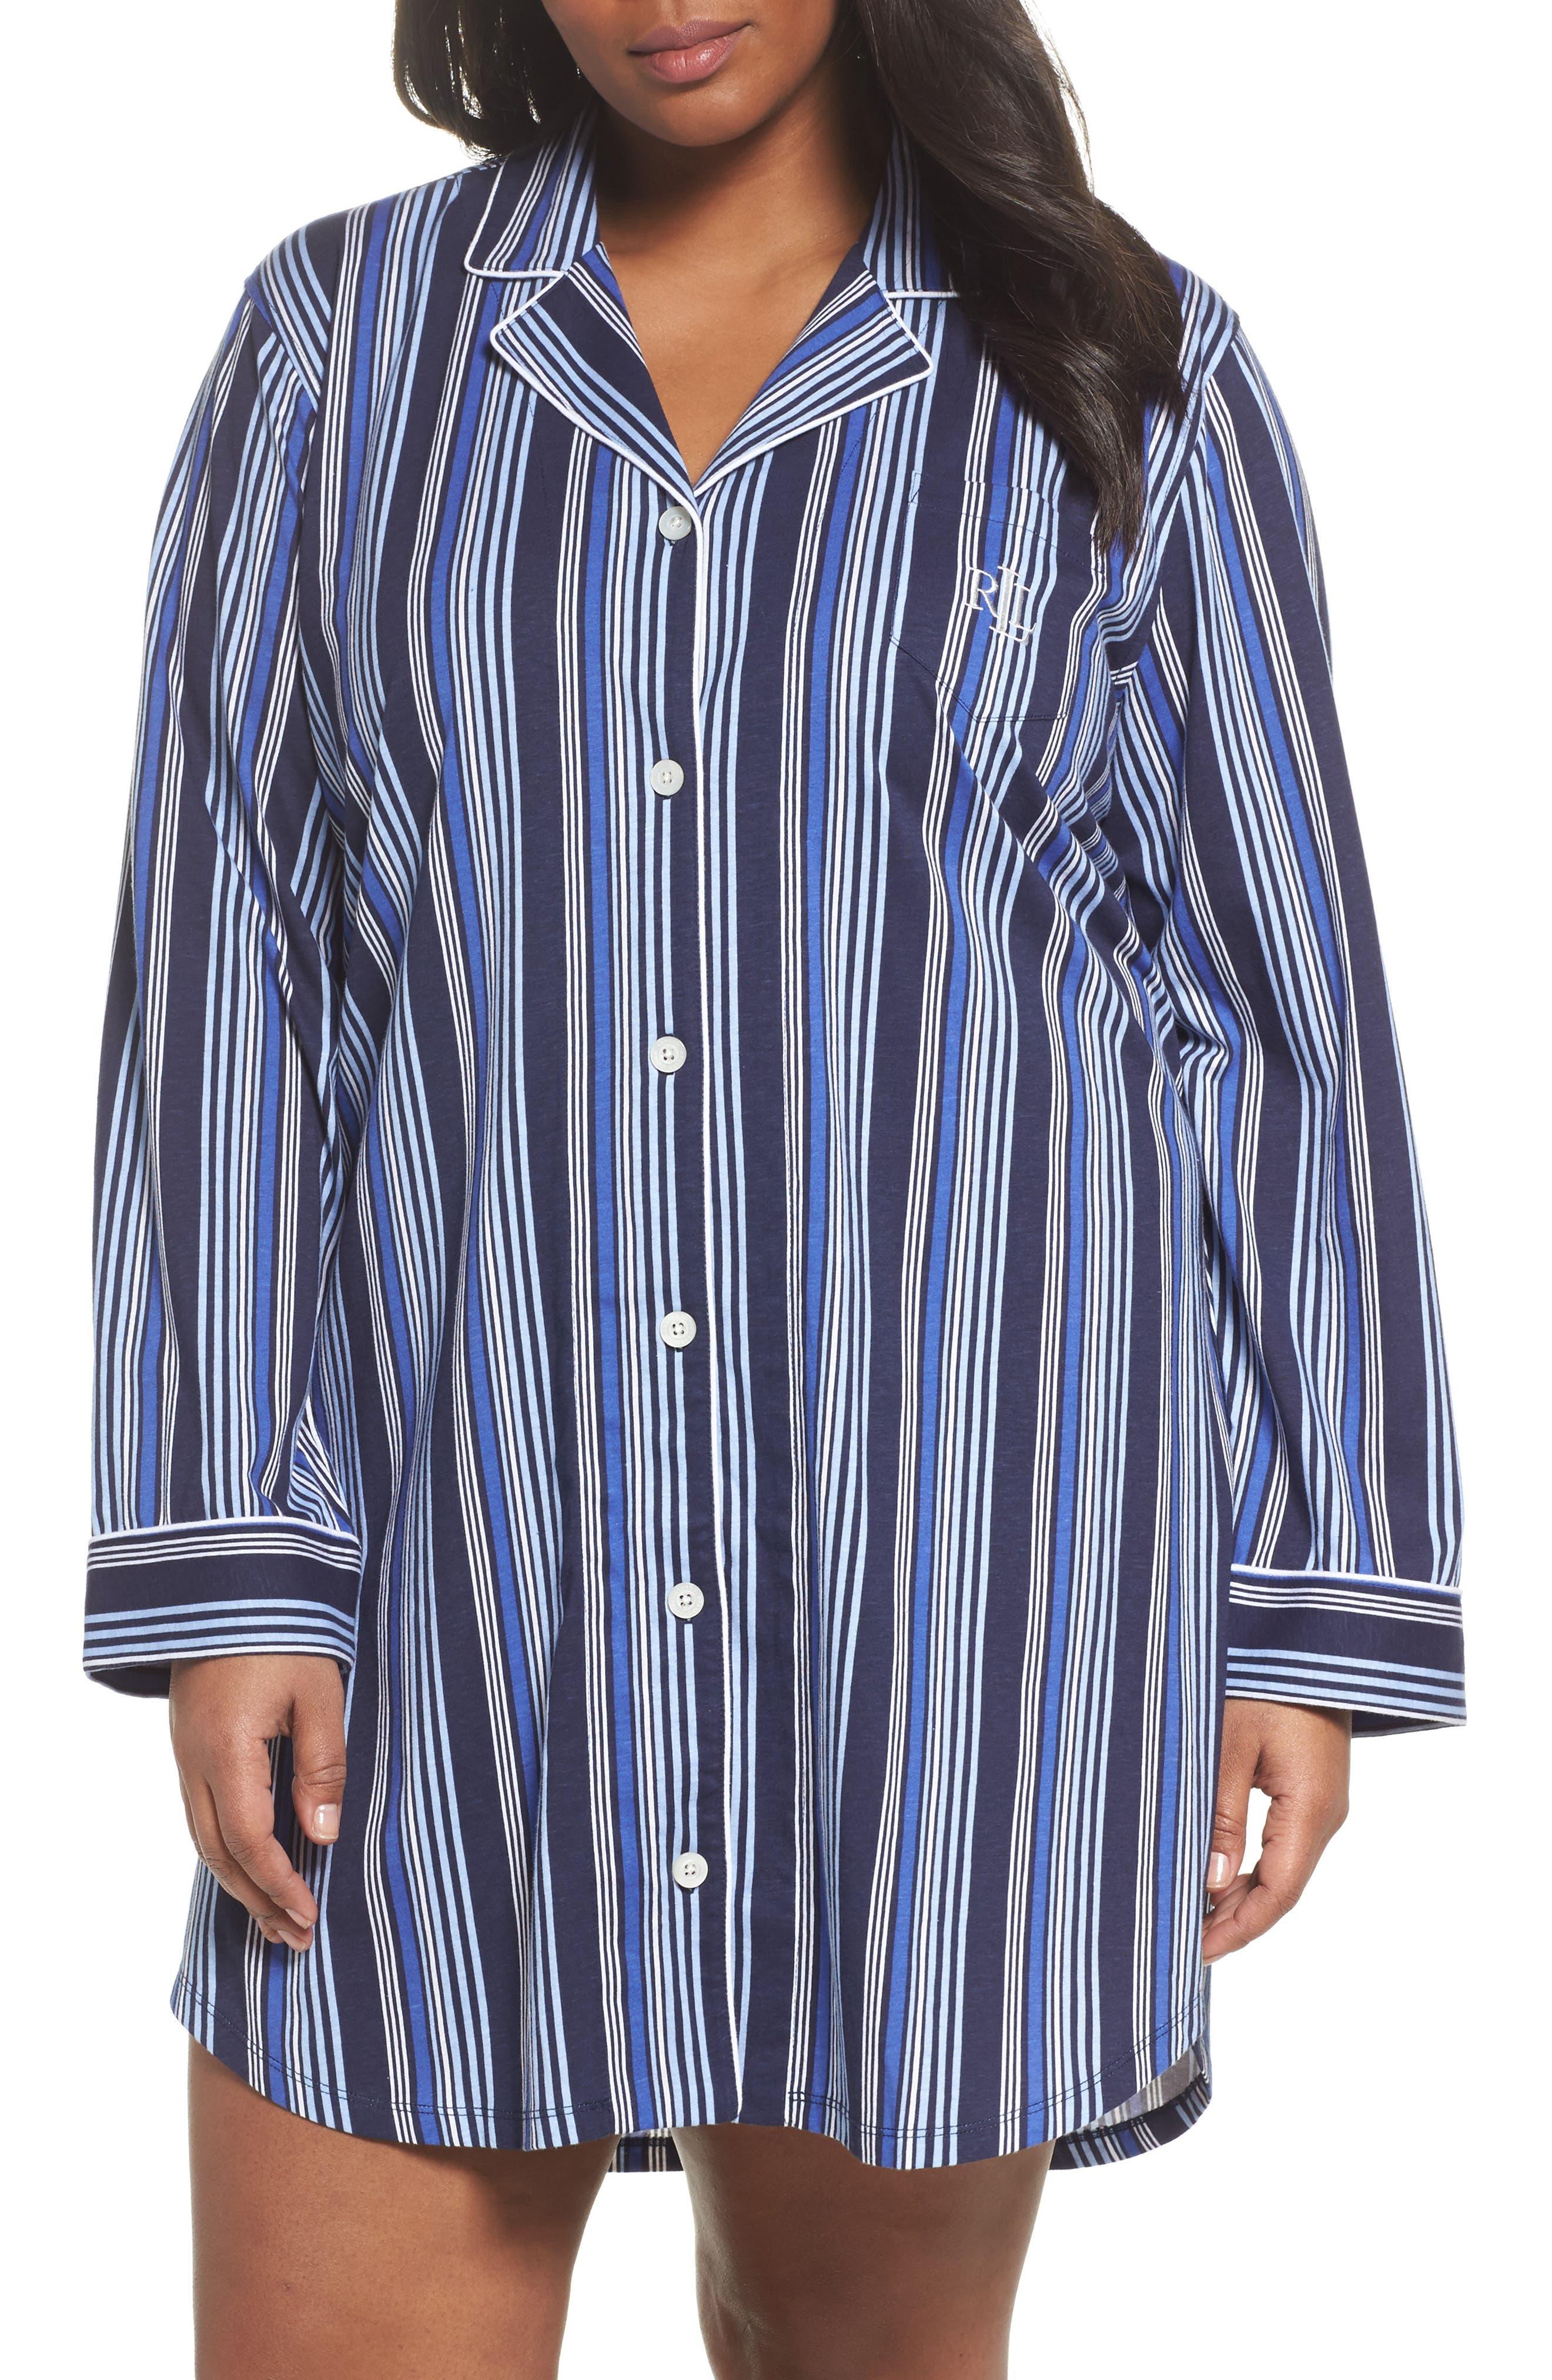 Stripe Night Shirt,                             Main thumbnail 1, color,                             Blue Stripe